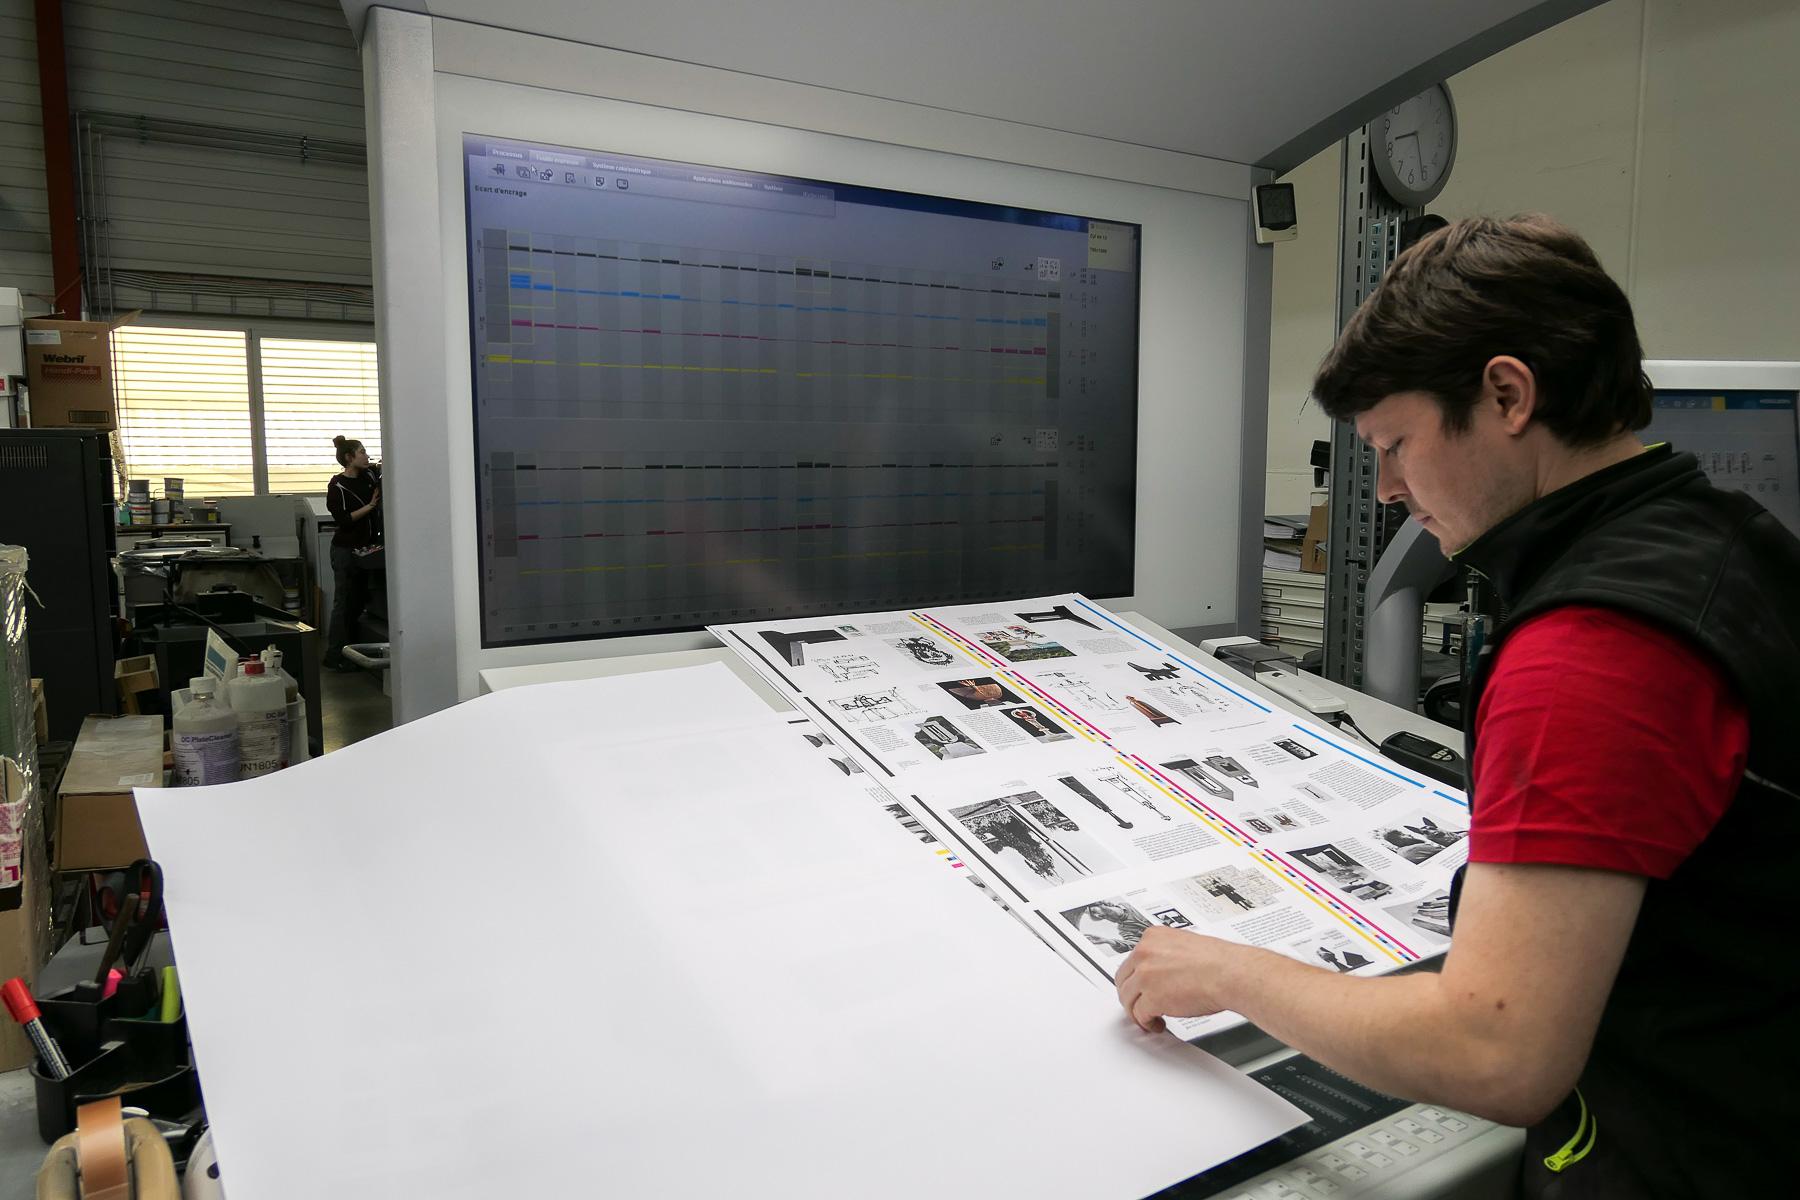 2) À la demande de l'éditeur, l'imprimeur ajuste les tons de noir, pour que le détail des photos ressorte mieux.